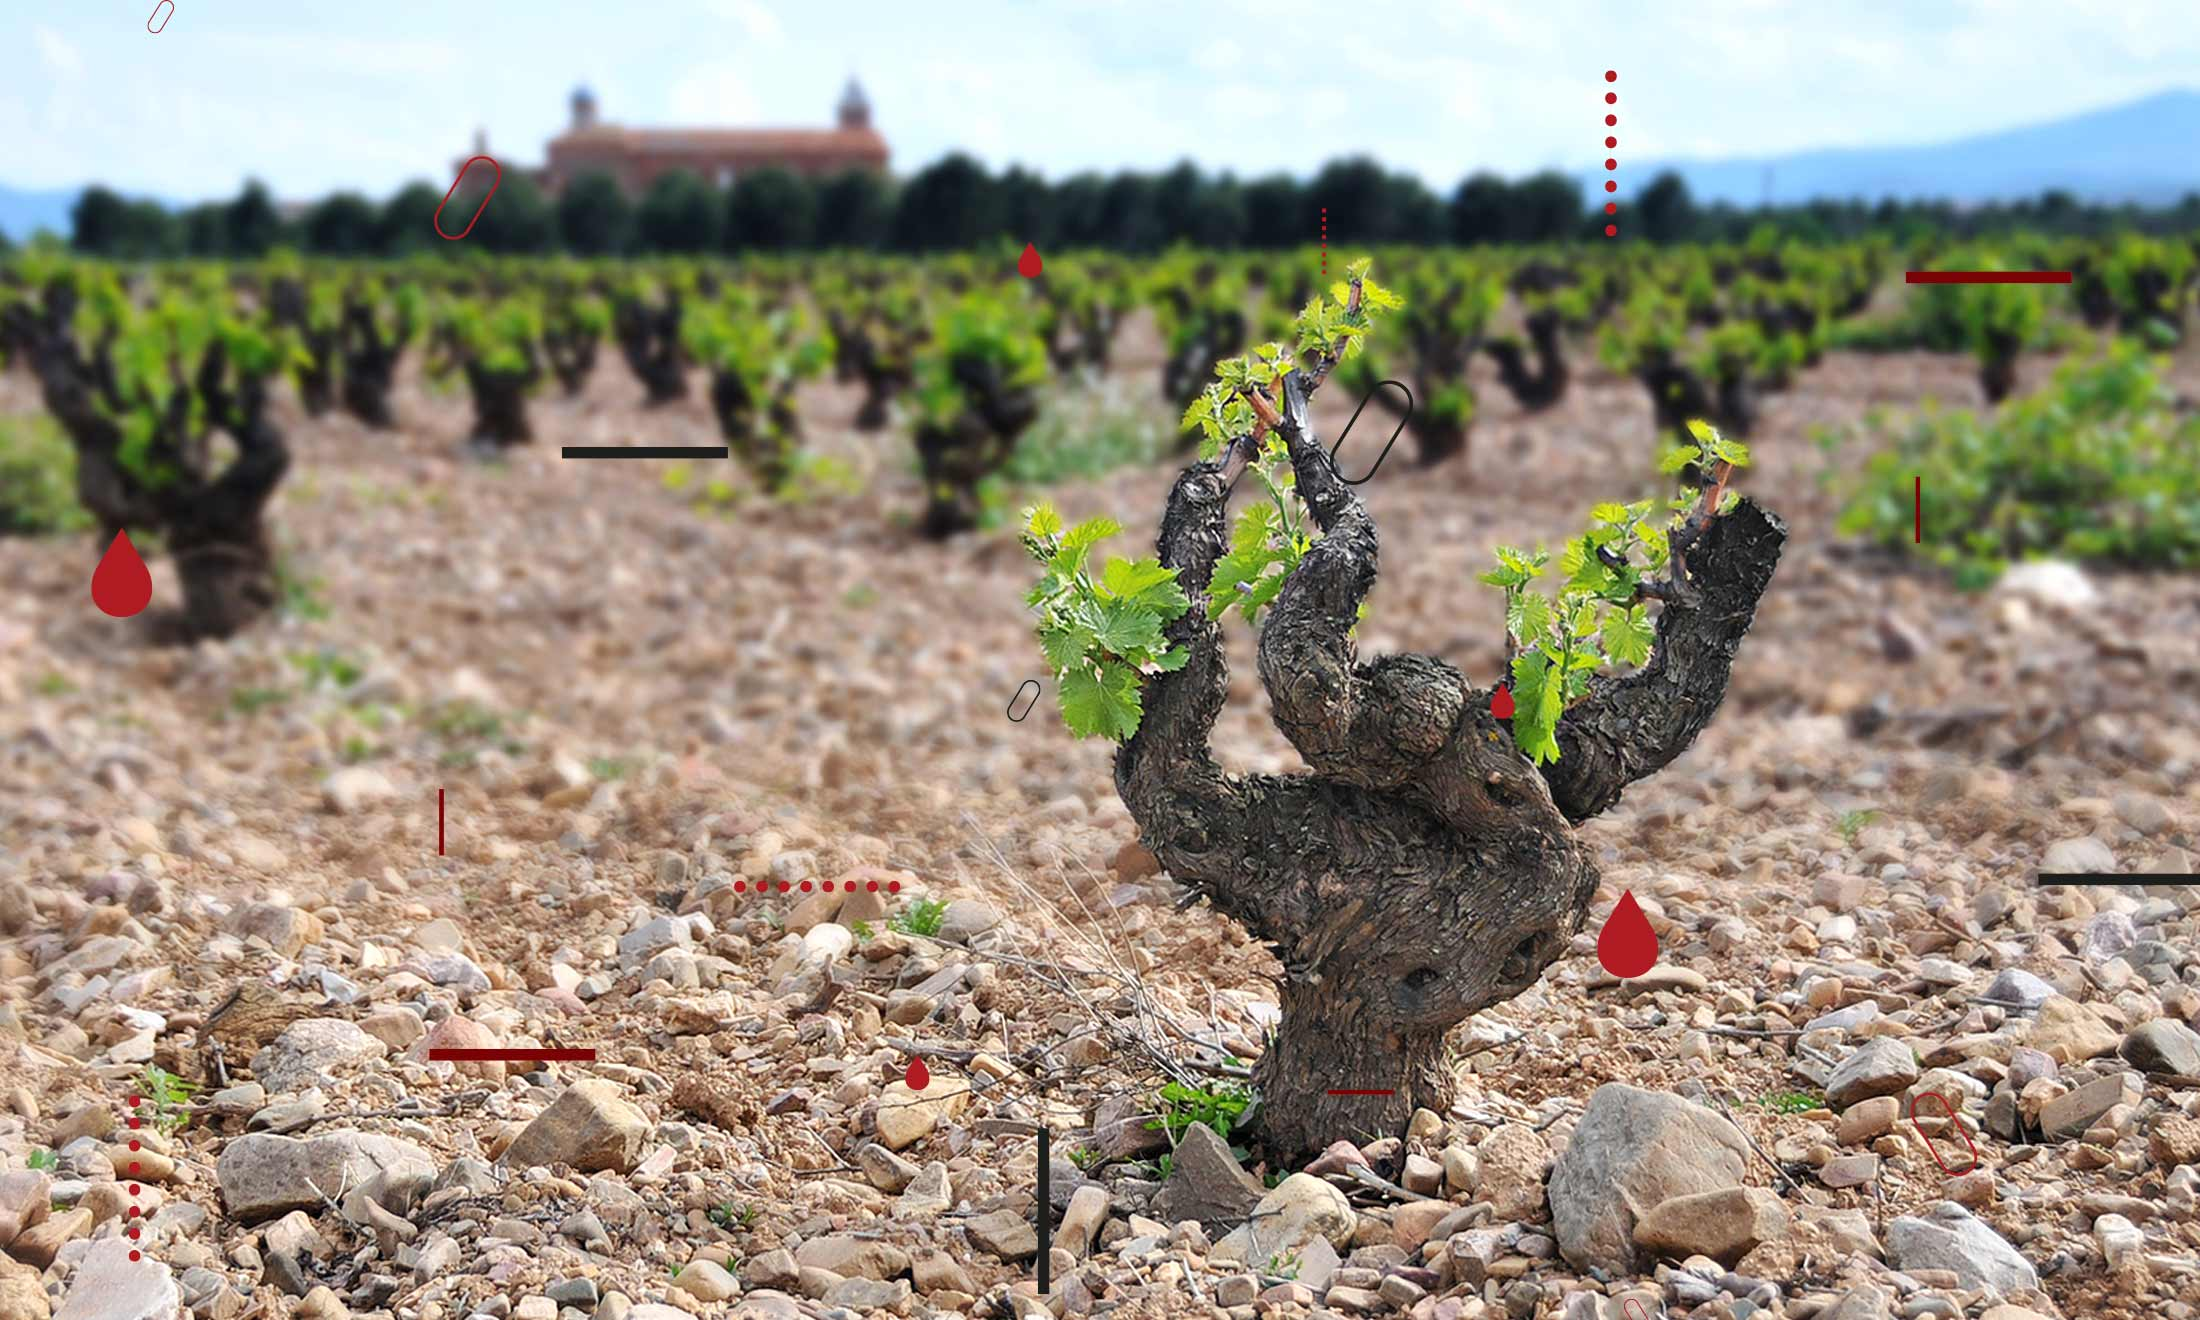 Vinergia Spanish Wines Campos de Luz Vineyard